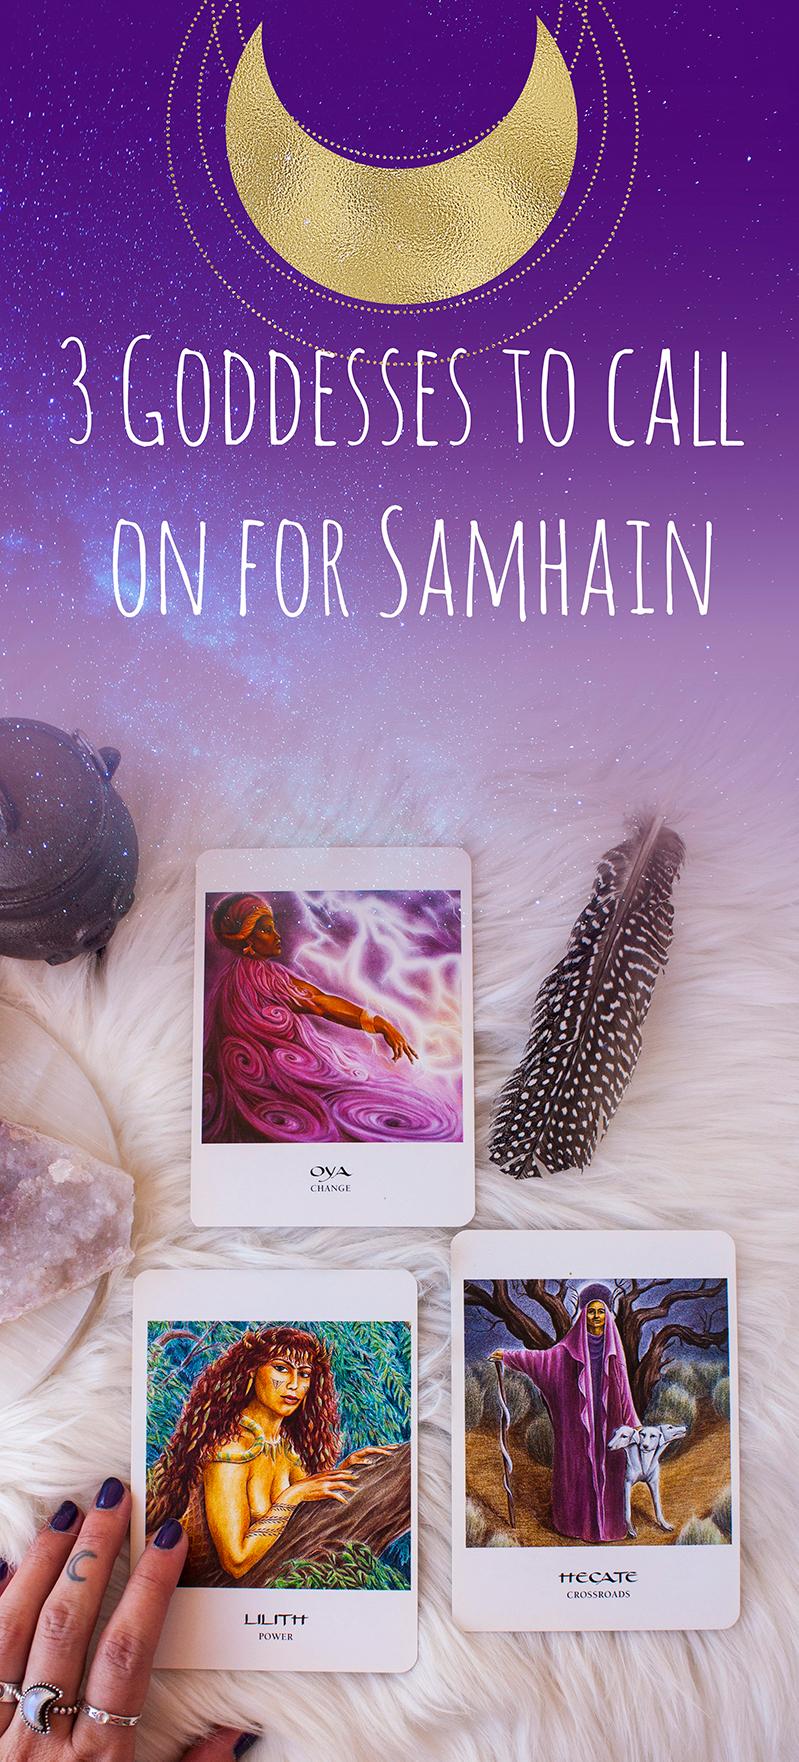 Pic2-Samhain-goddesses